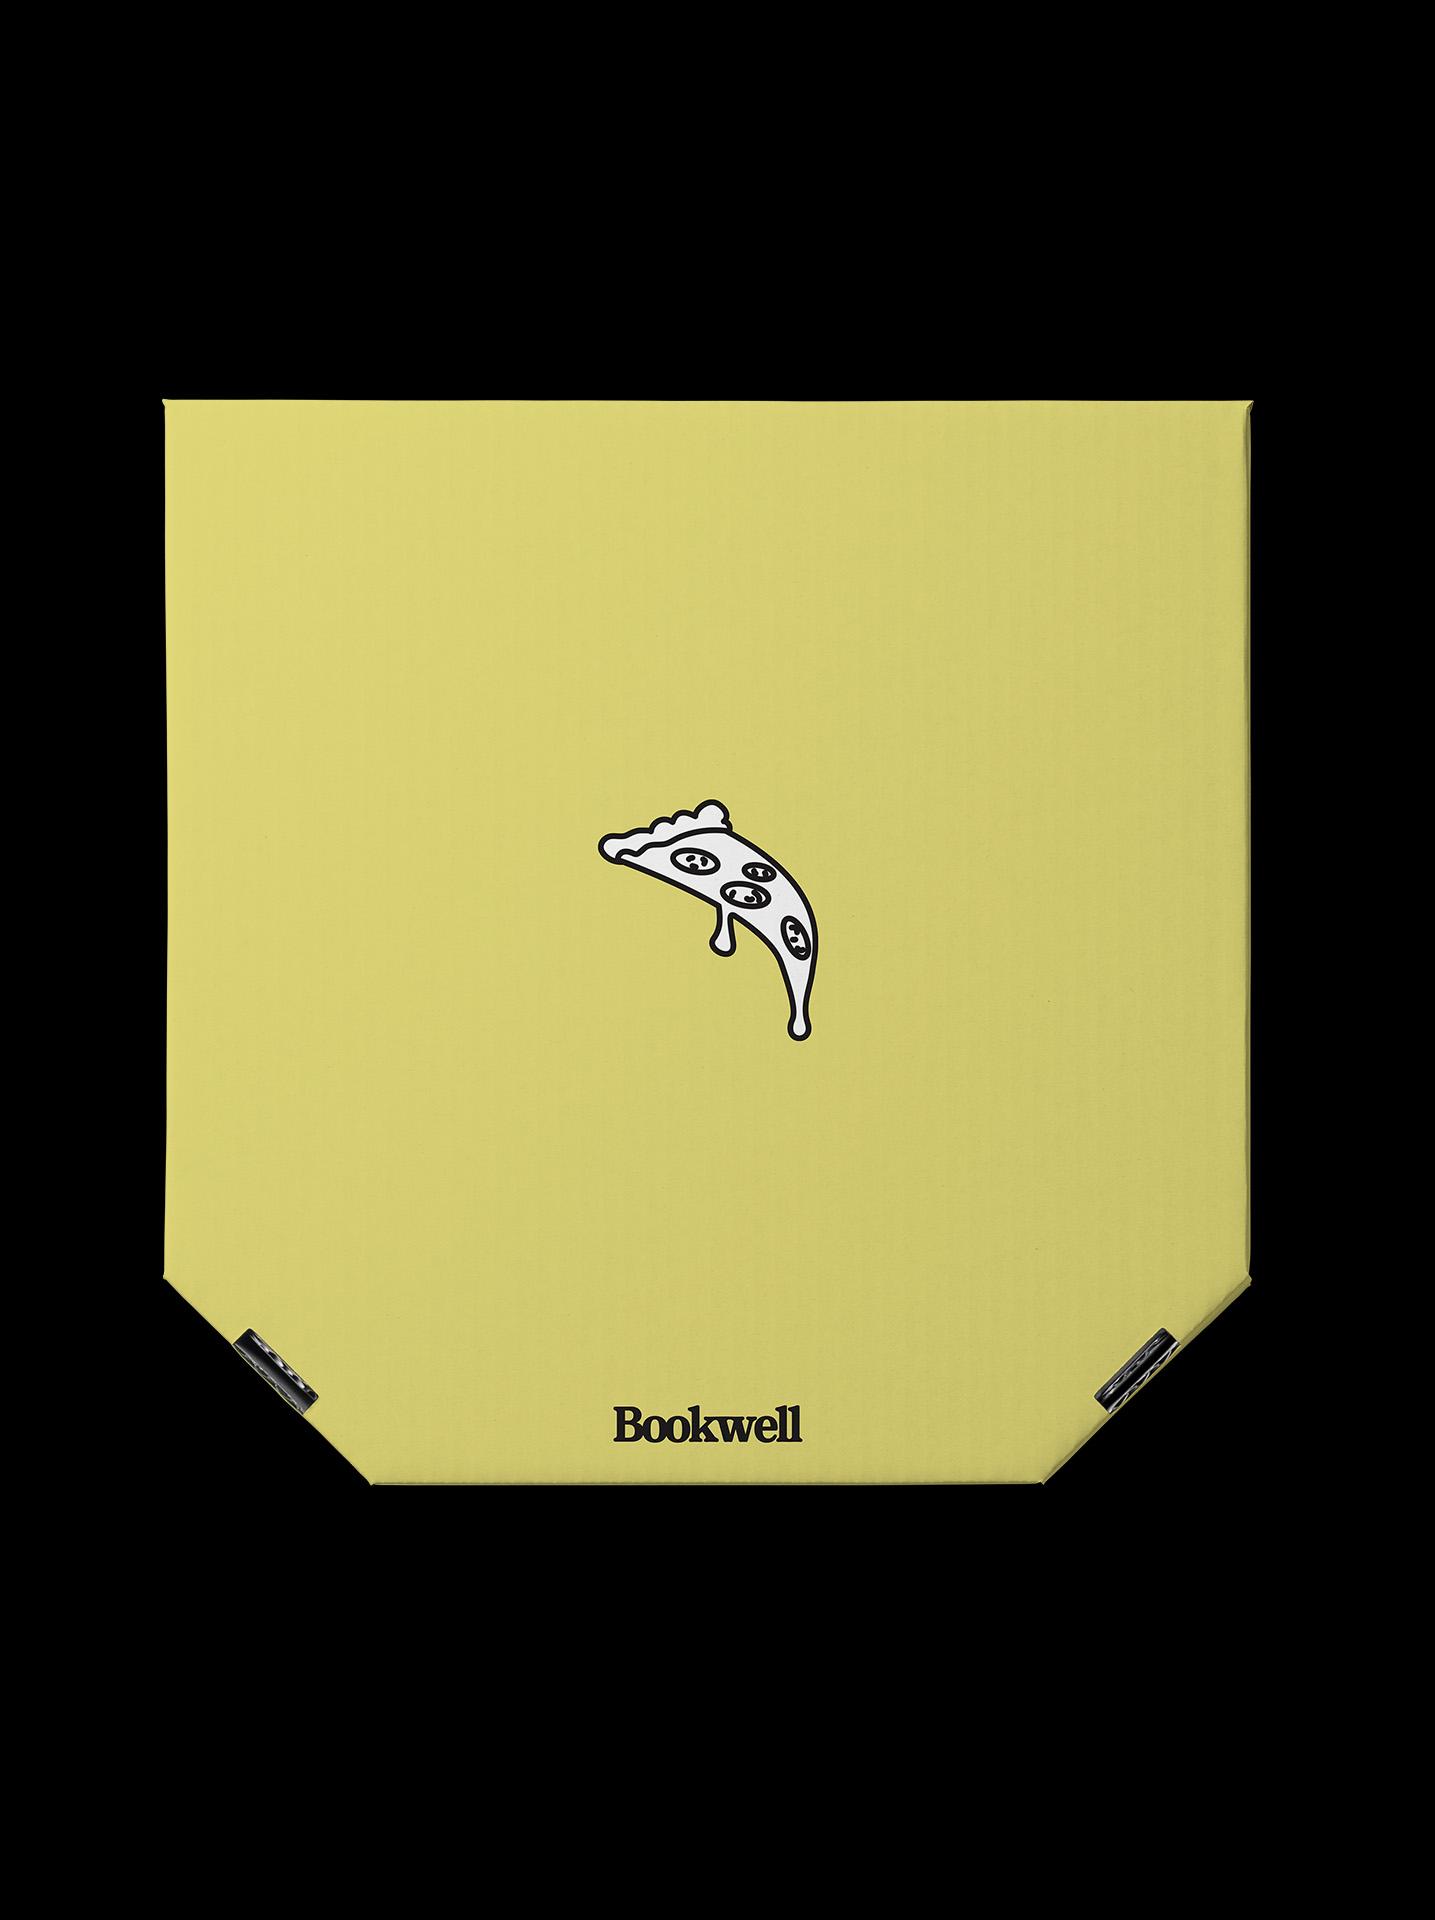 Bookwell_0000_Pizza Box